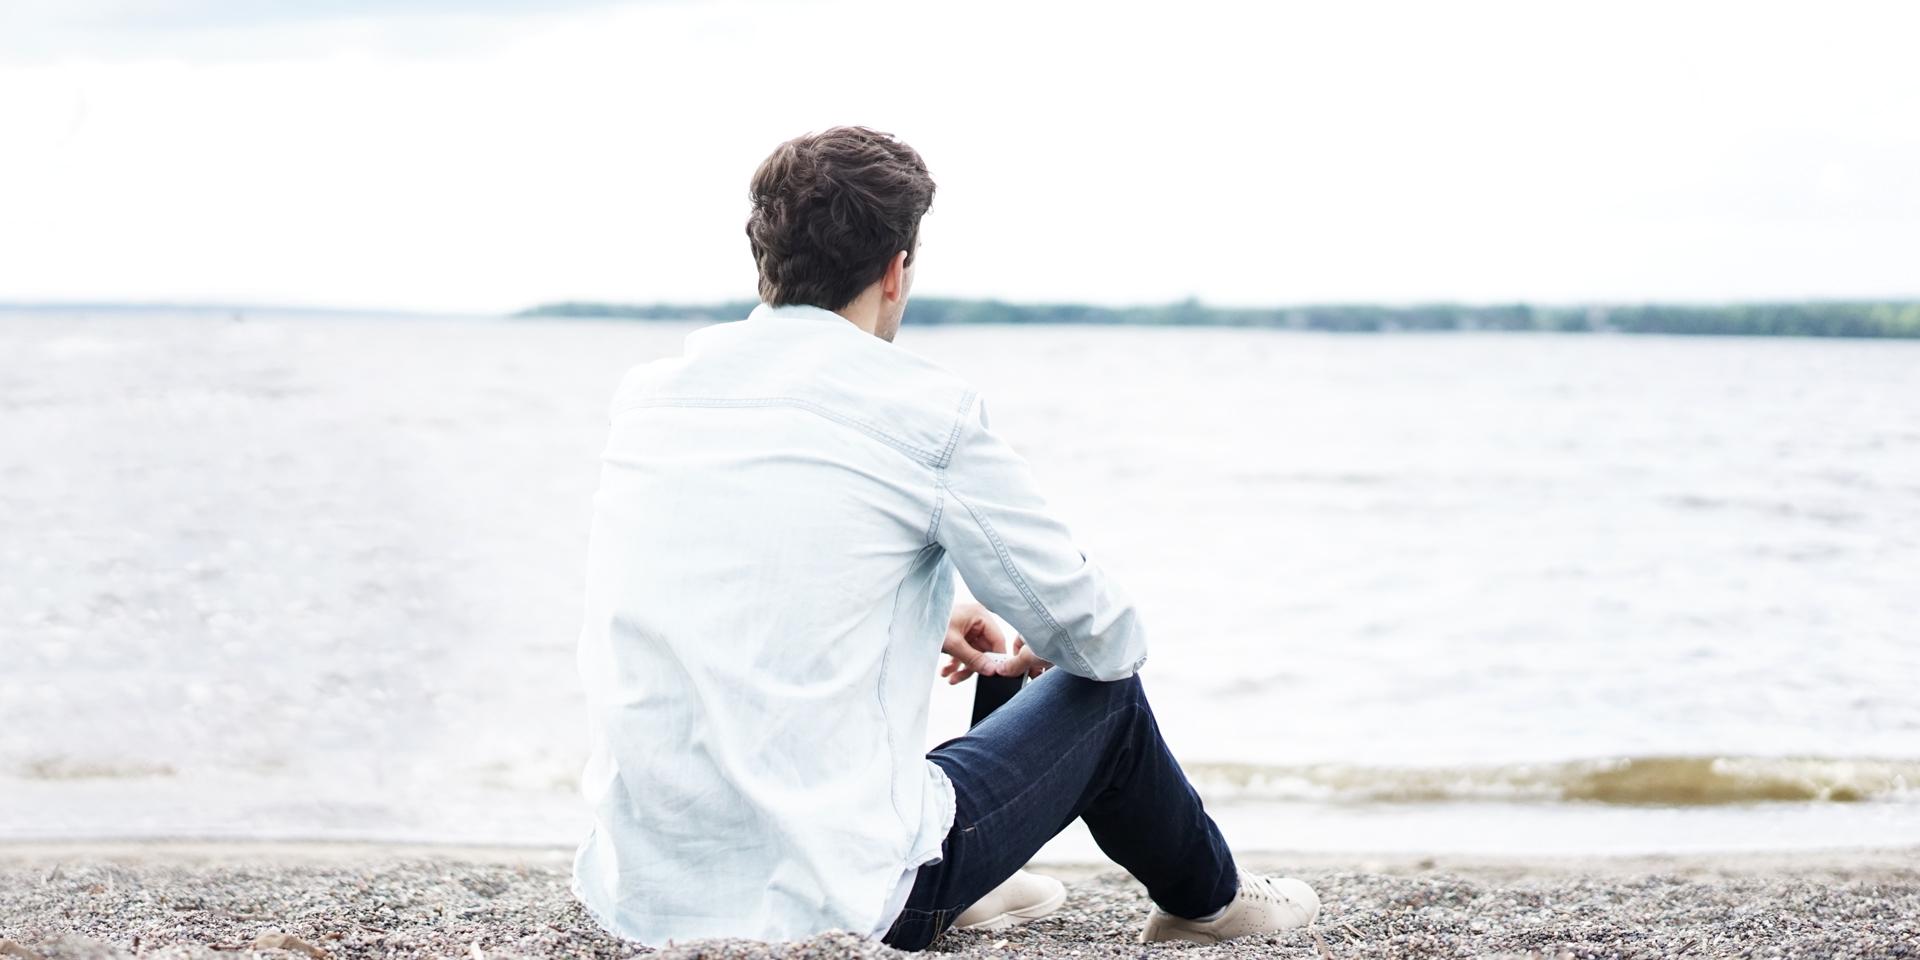 Mann allein, Blick auf See,© pixabay/pexels